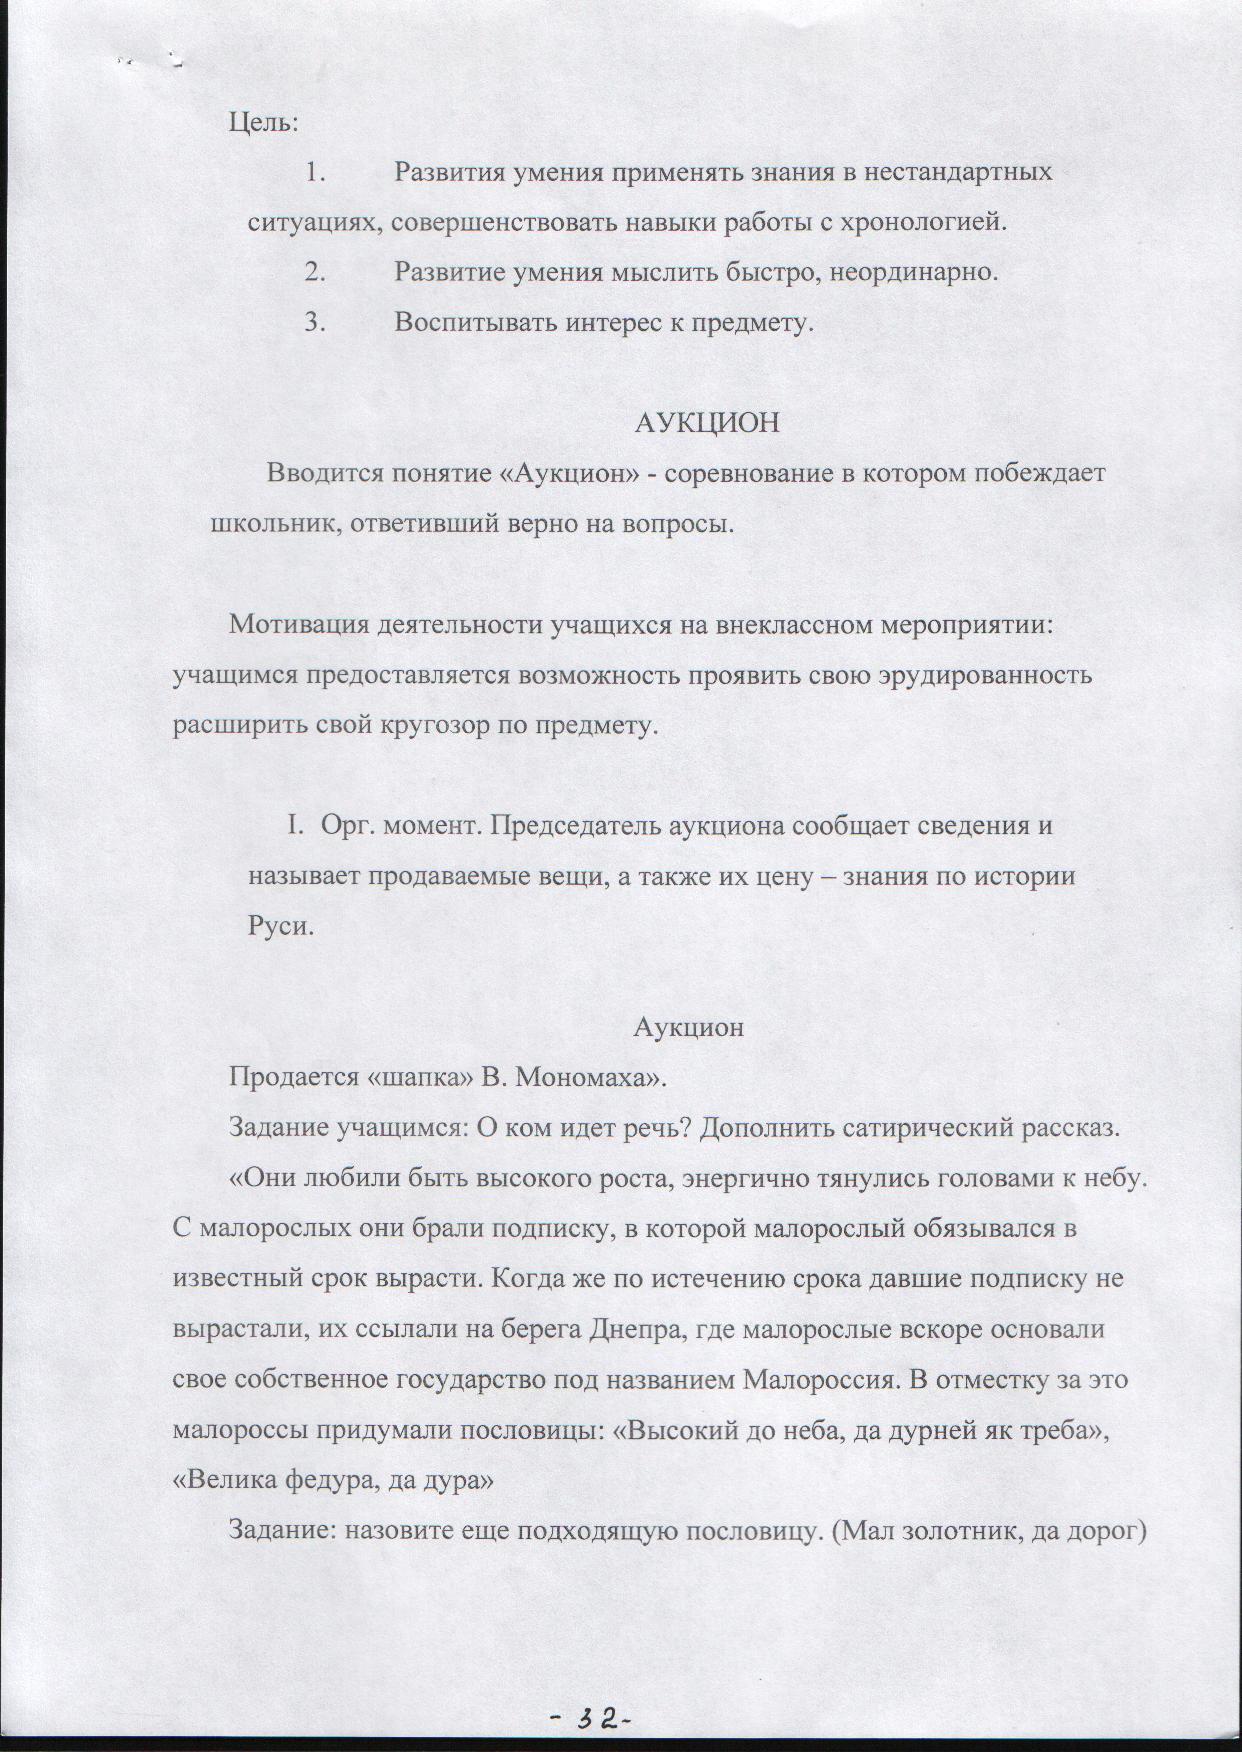 C:\Documents and Settings\елена\Рабочий стол\экономическое развитие России в XVII в\5.jpg